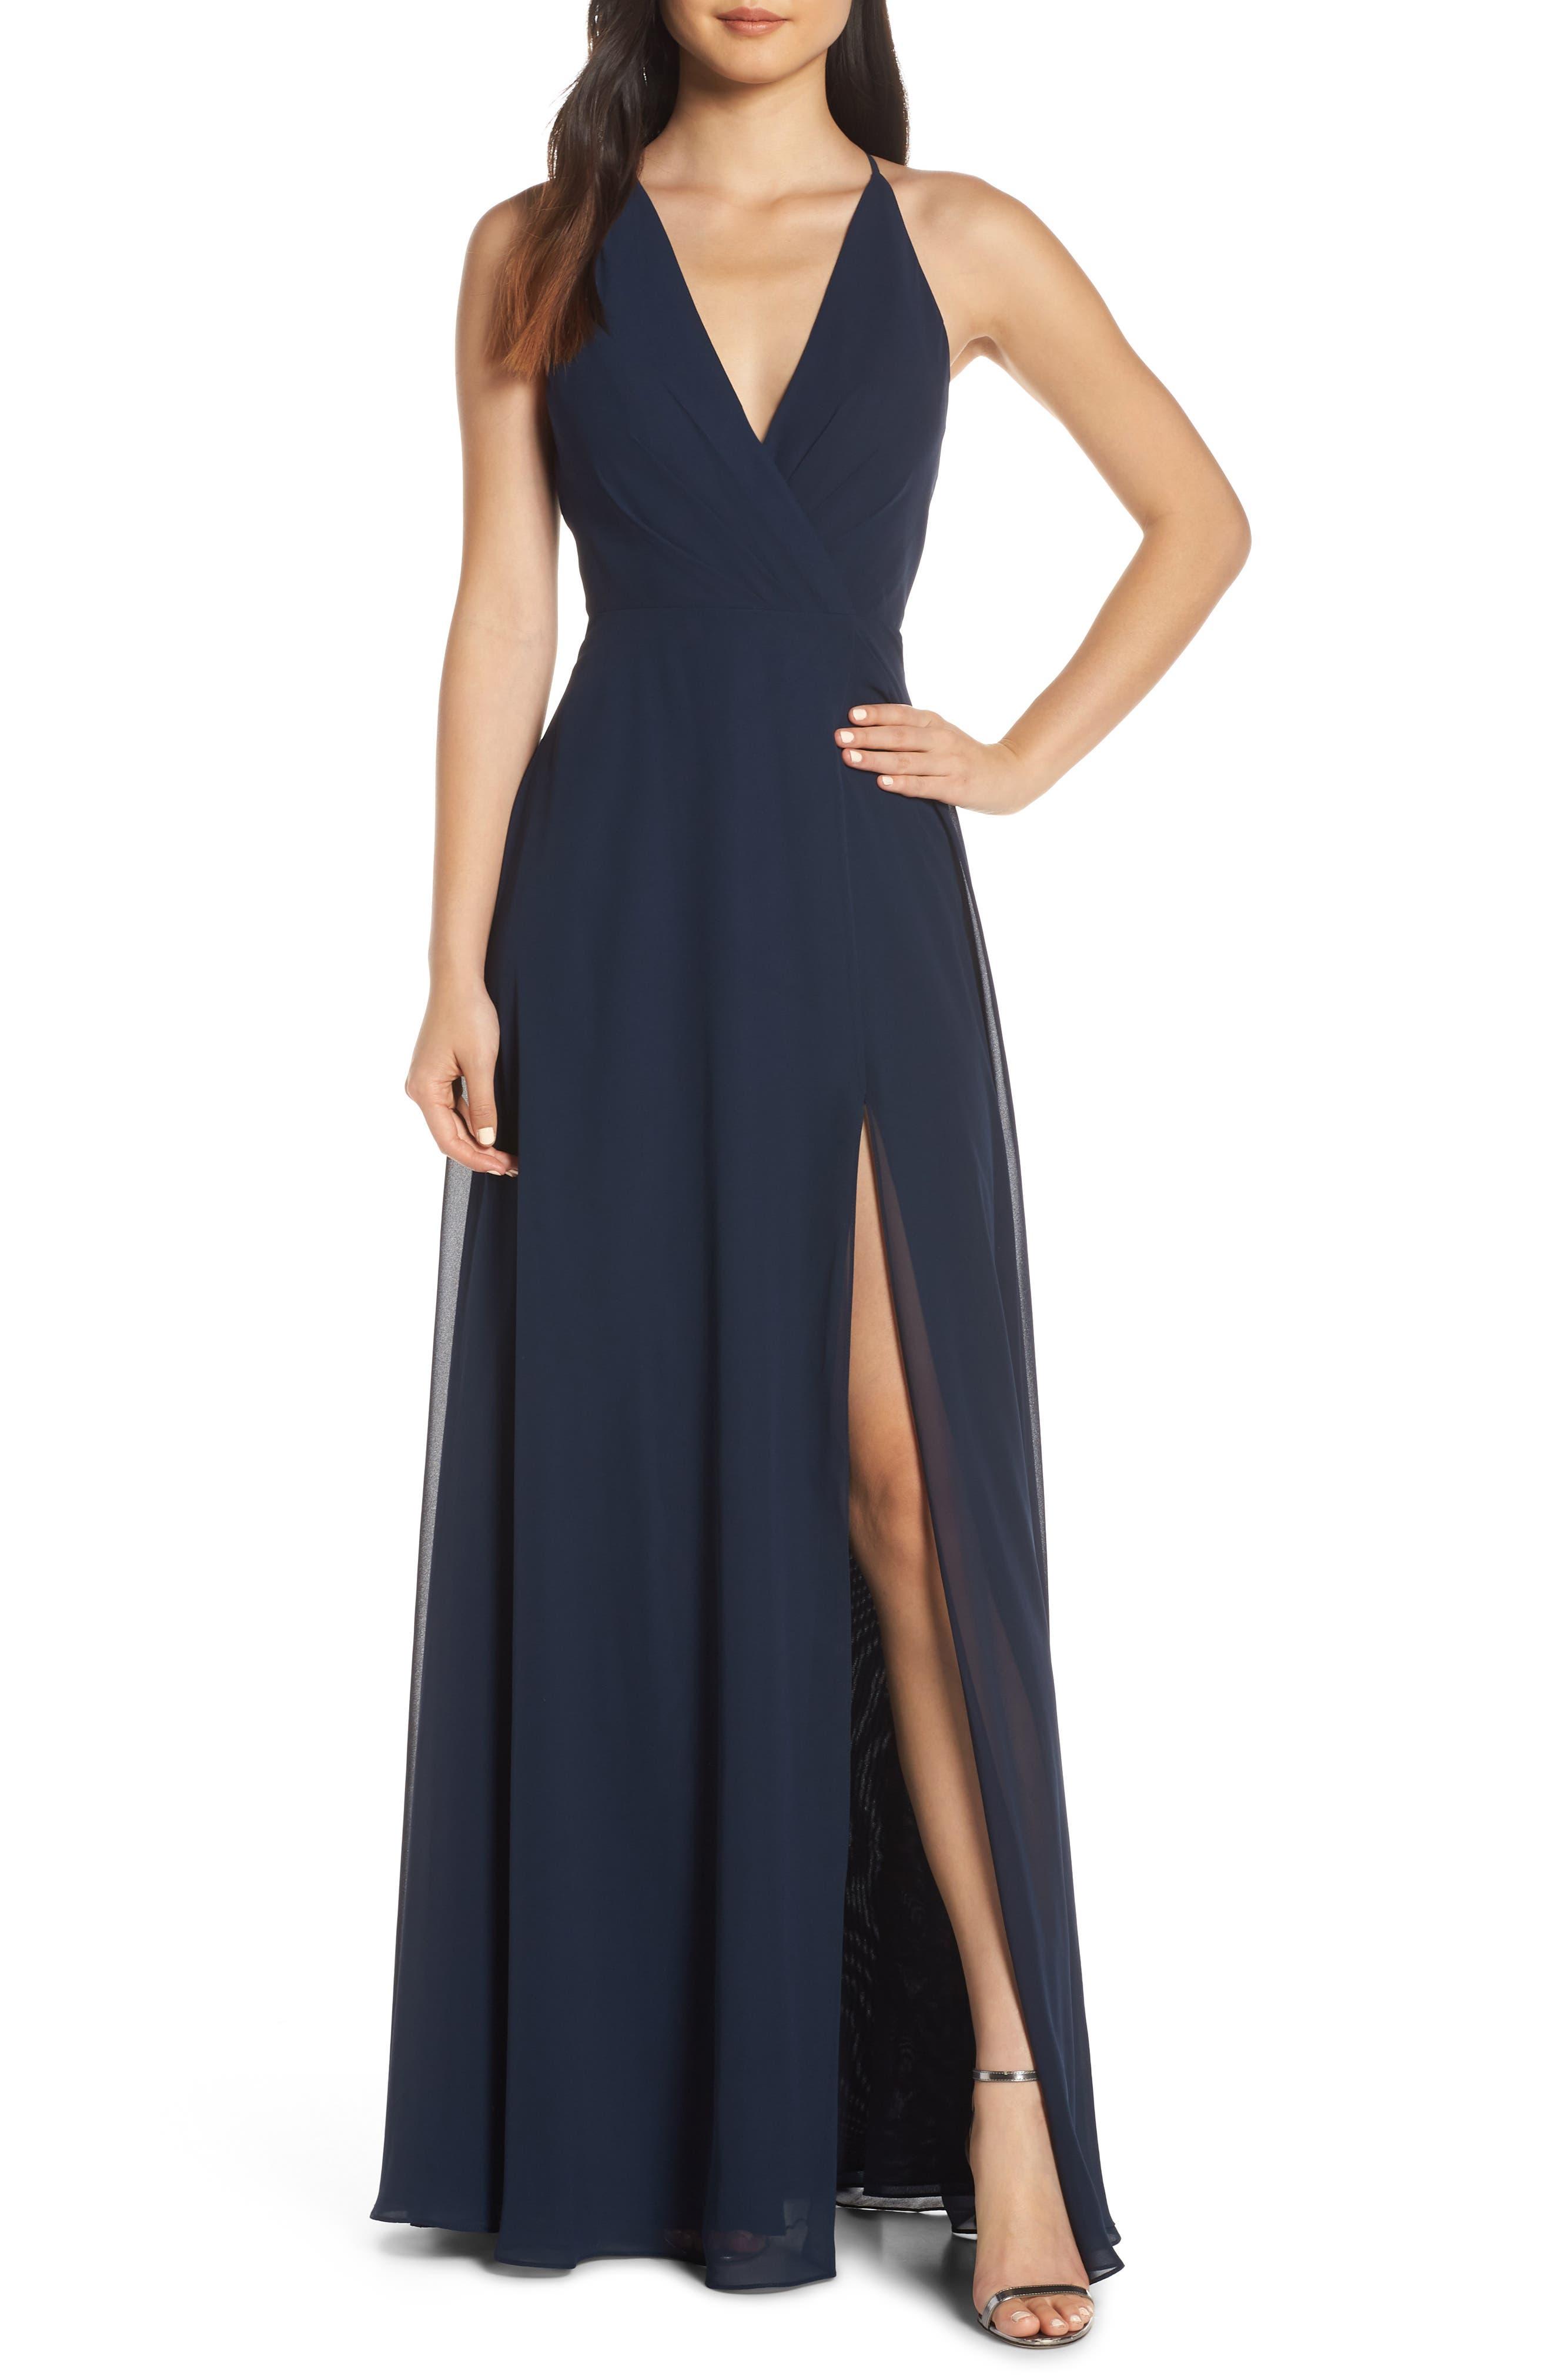 JENNY YOO, Bryce Surplice V-Neck Chiffon Evening Dress, Main thumbnail 1, color, NAVY